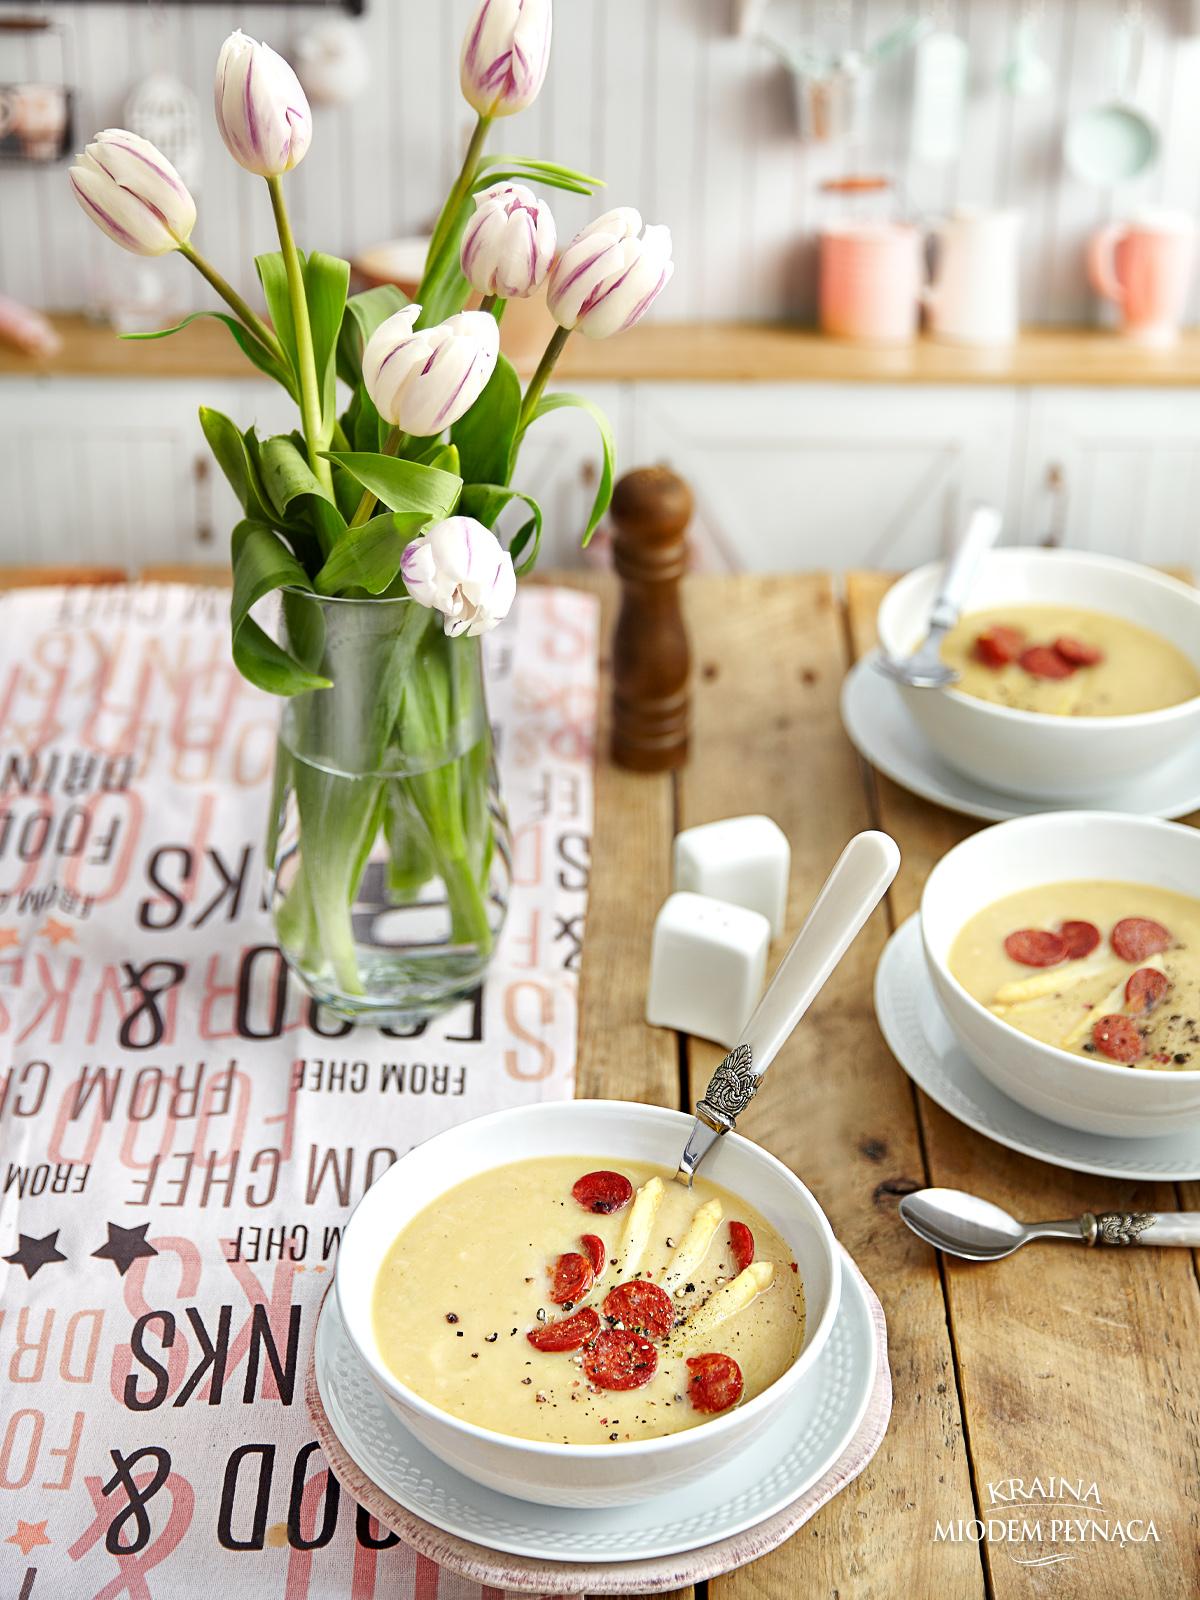 zupa szparagowa, krem szparagowy, krem ze szparagów, zupa-krem ze szparagów, pomysł na szparagi, tani obiad, szybki obiad, kraina miodem płynąca